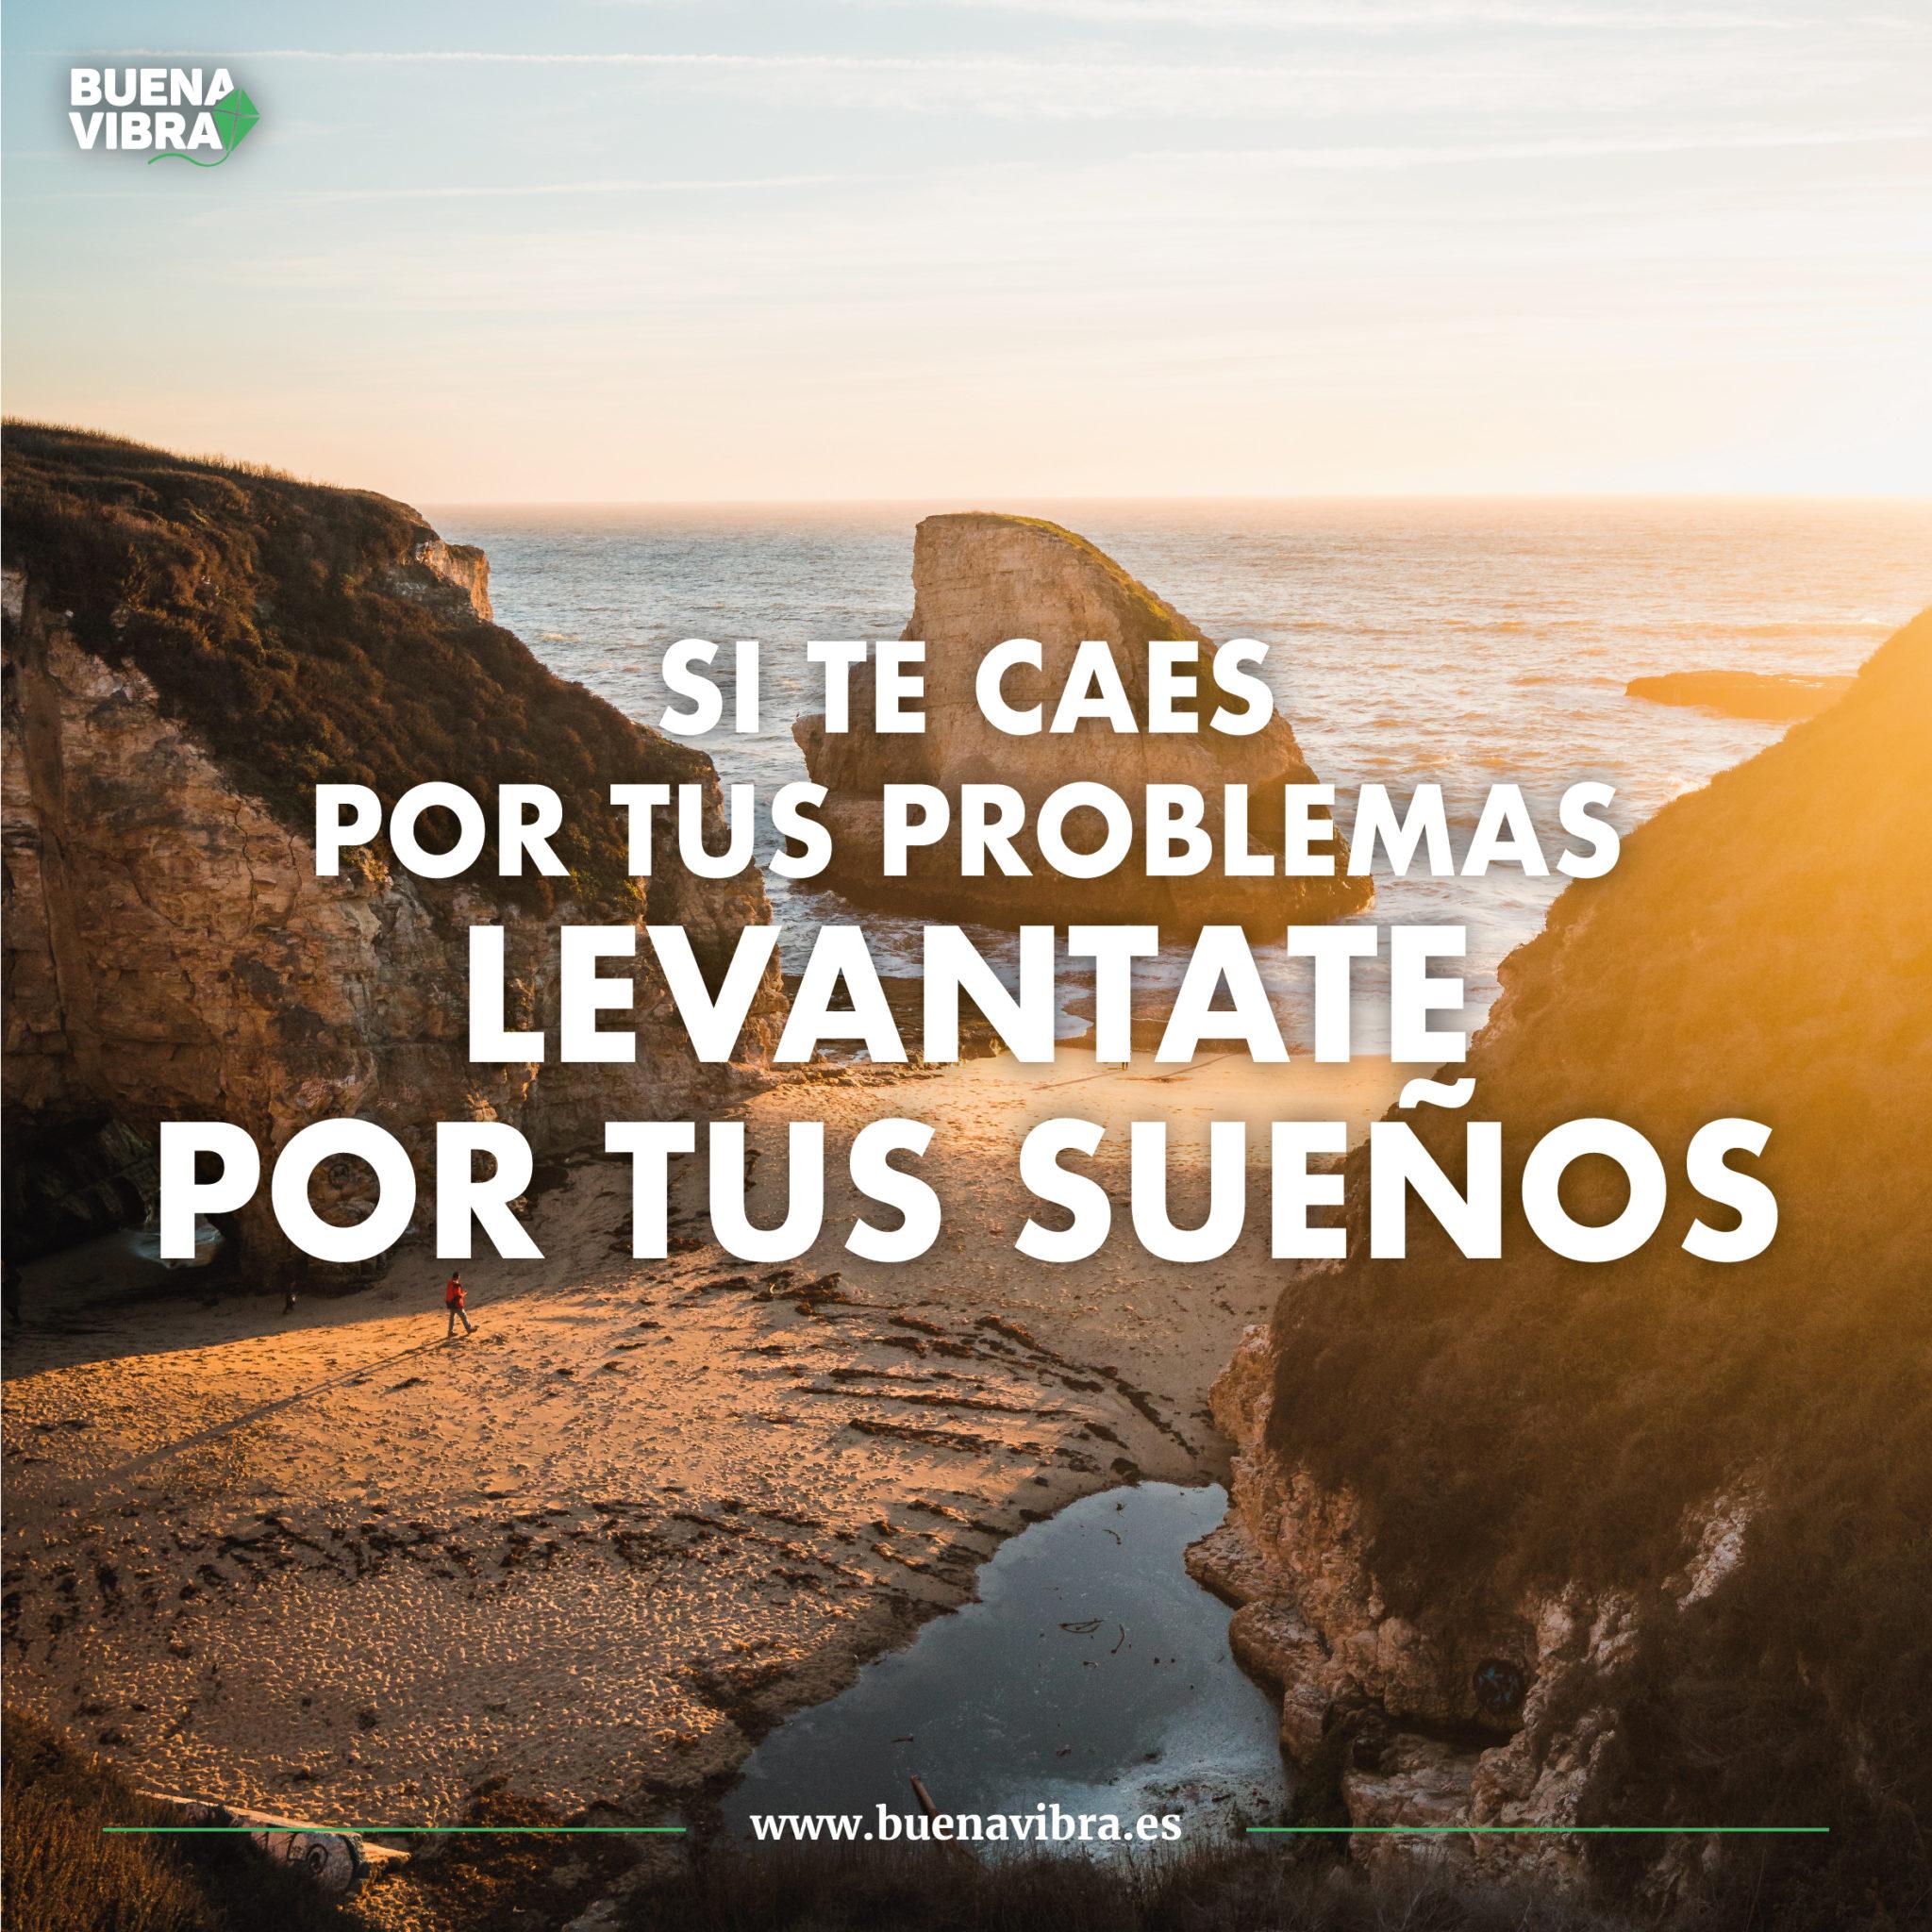 Frases Positivas Que Te Llenarán De Buena Vibra